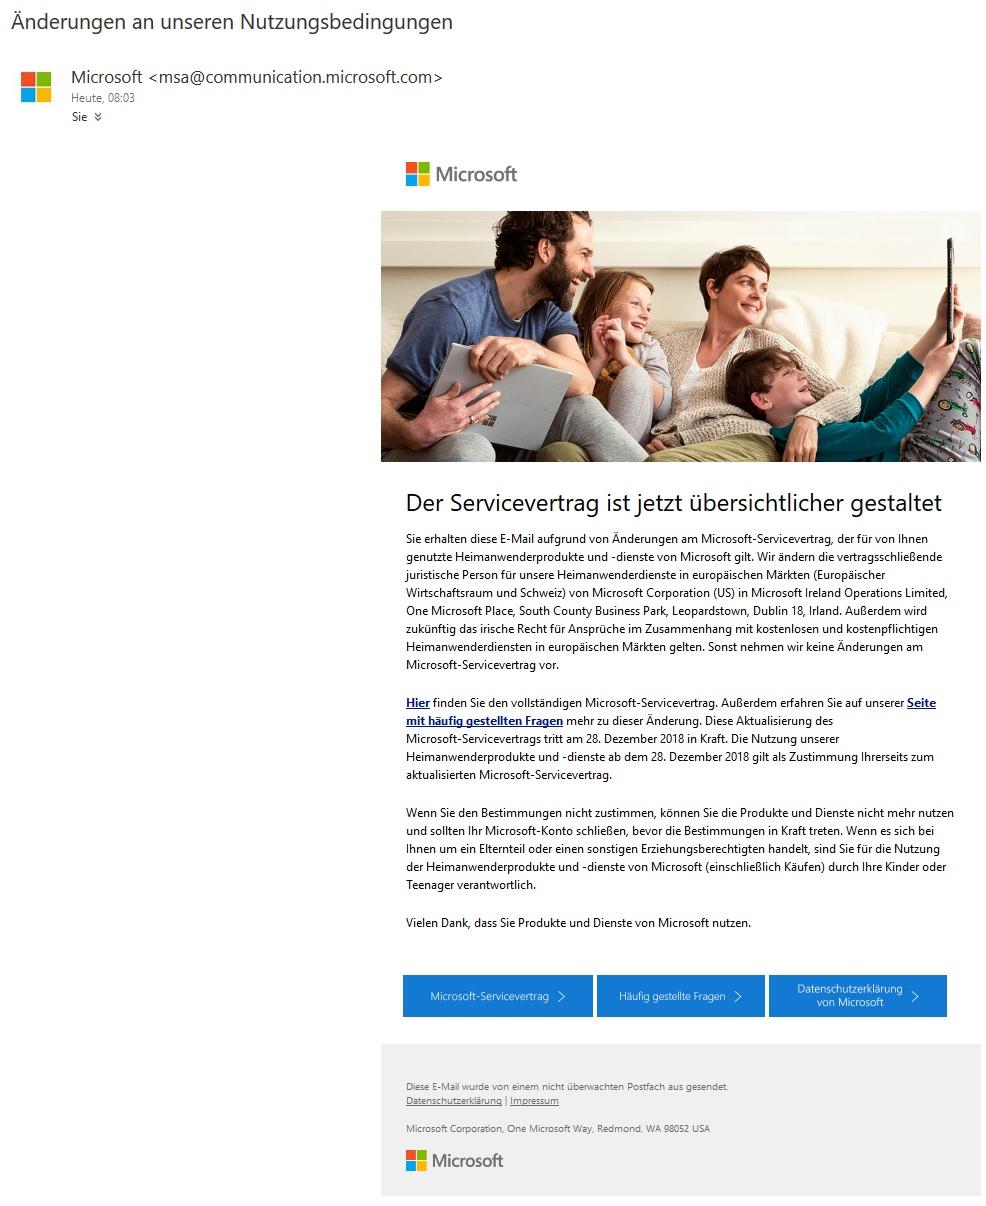 Microsoft: Änderung der Nutzungsbedingungen (Screenshot)